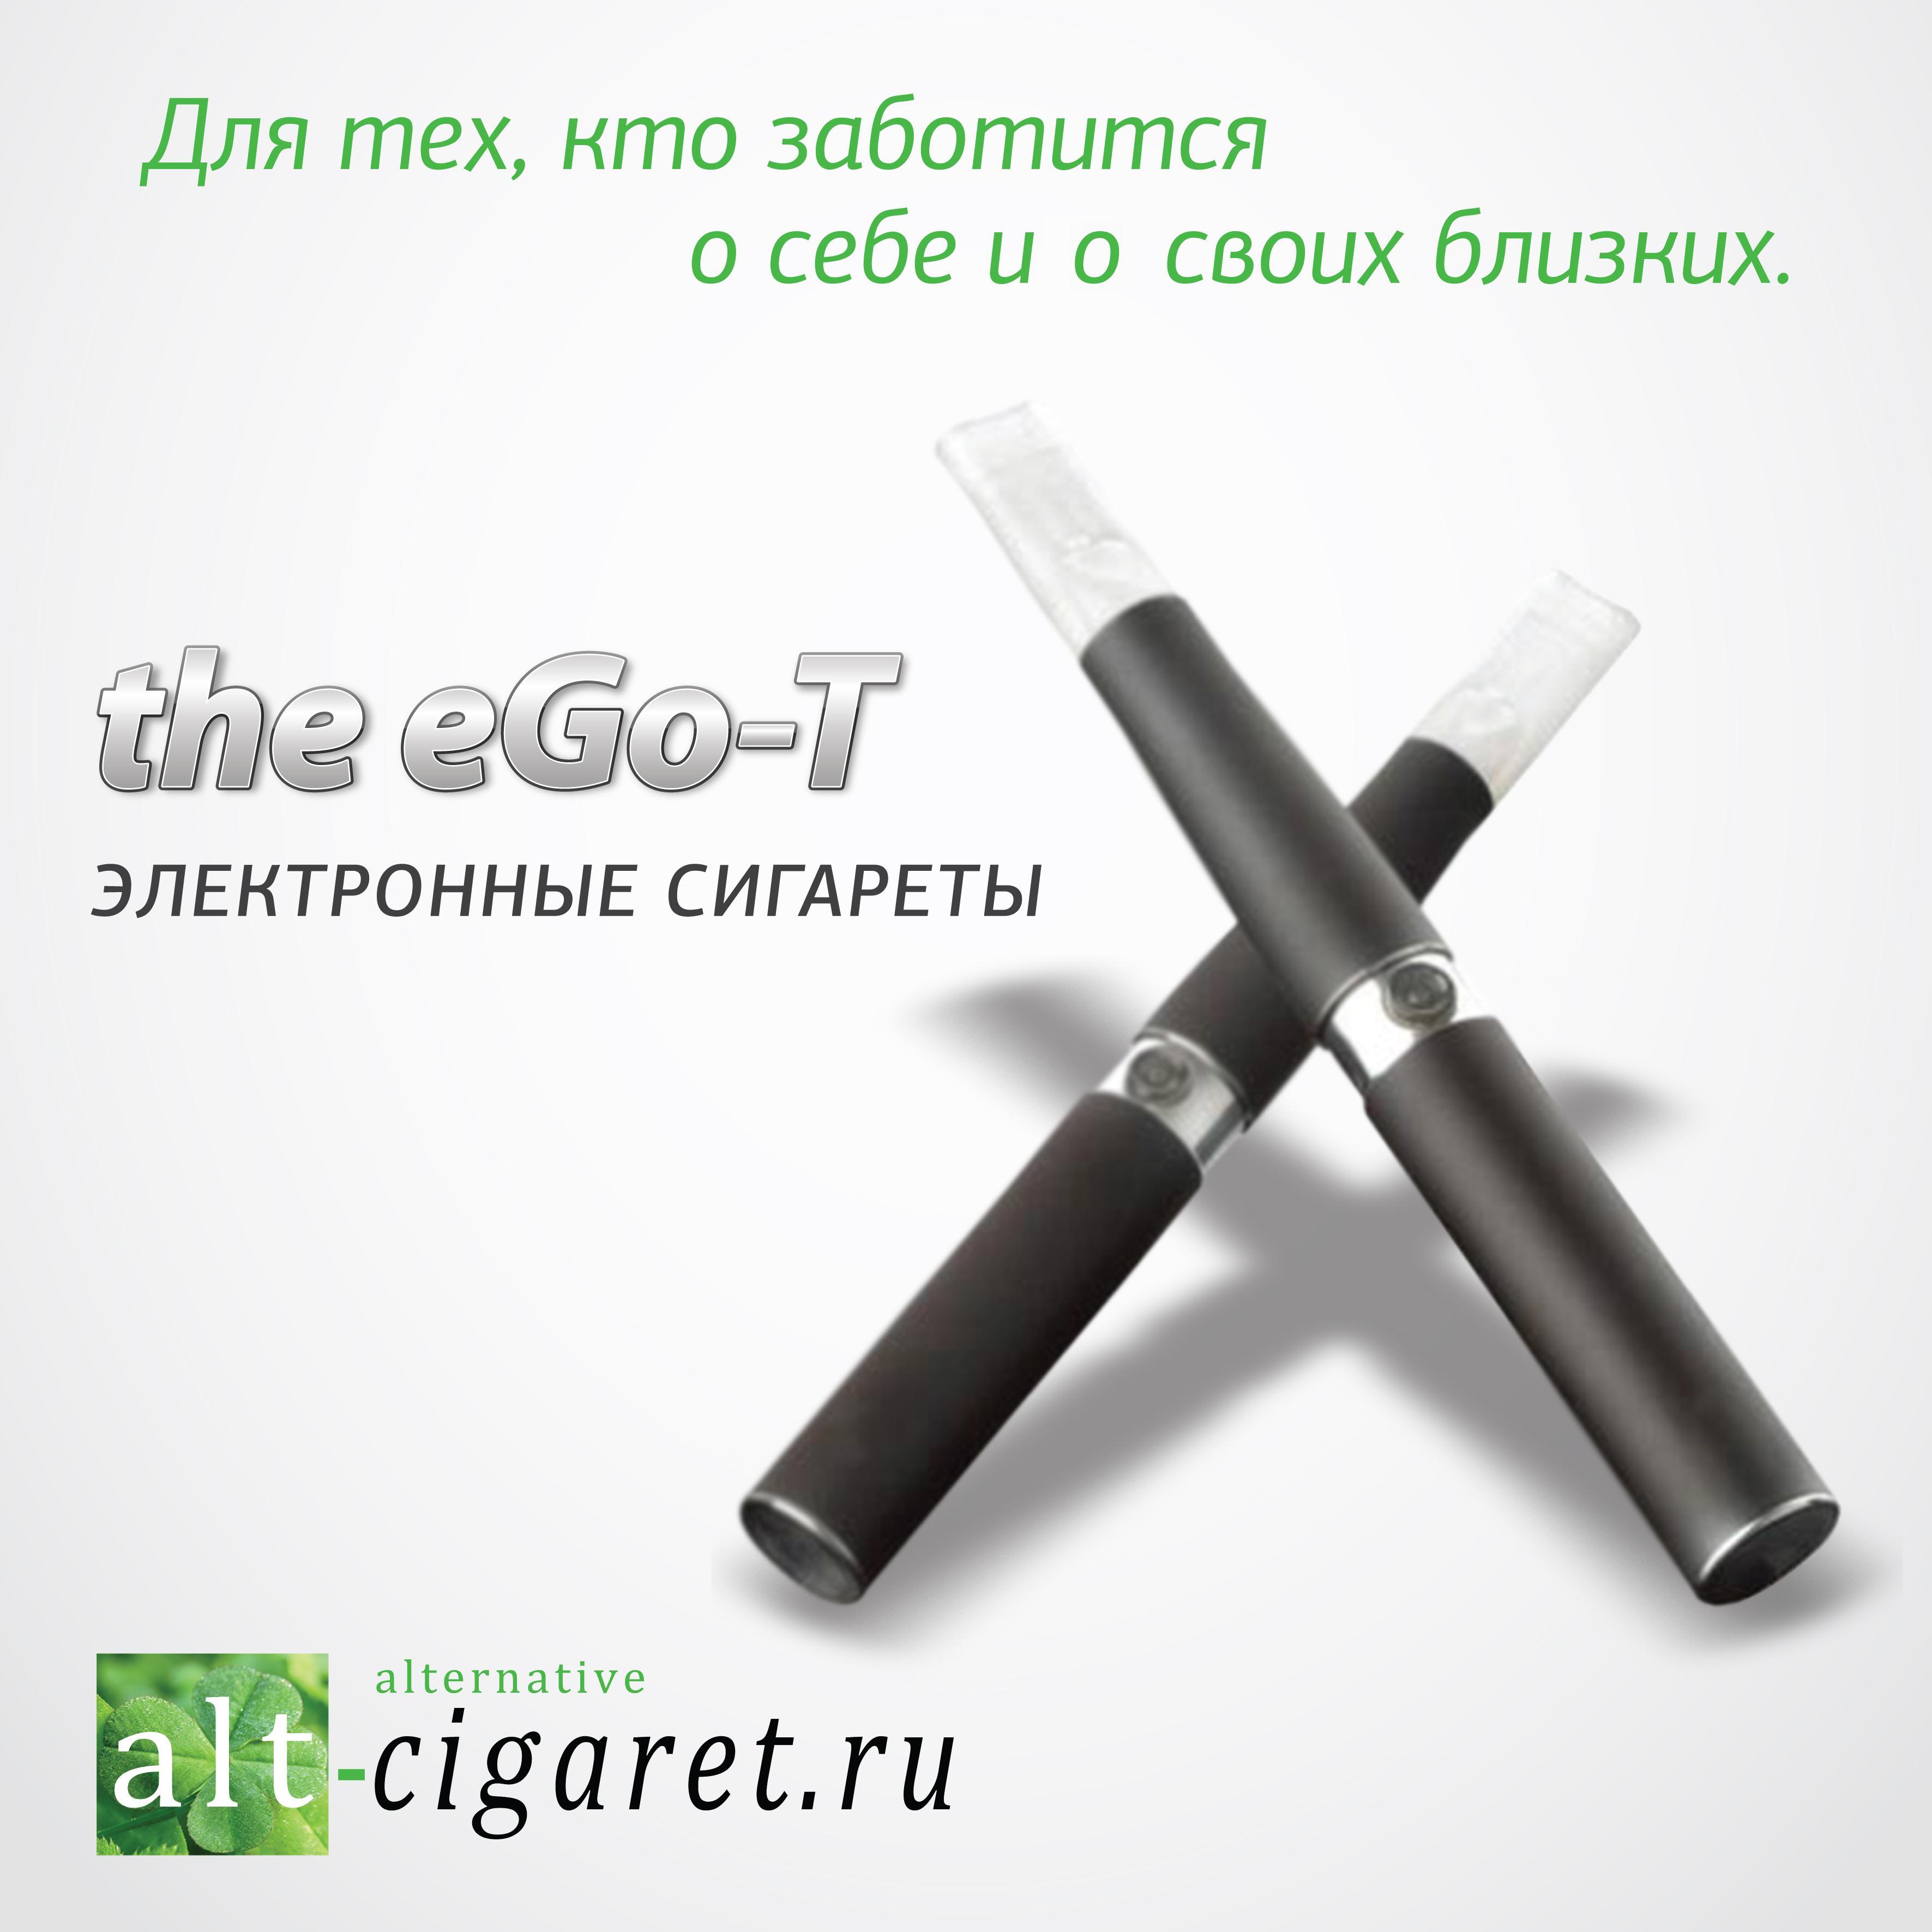 Электронная сигарета Нижний Новгород